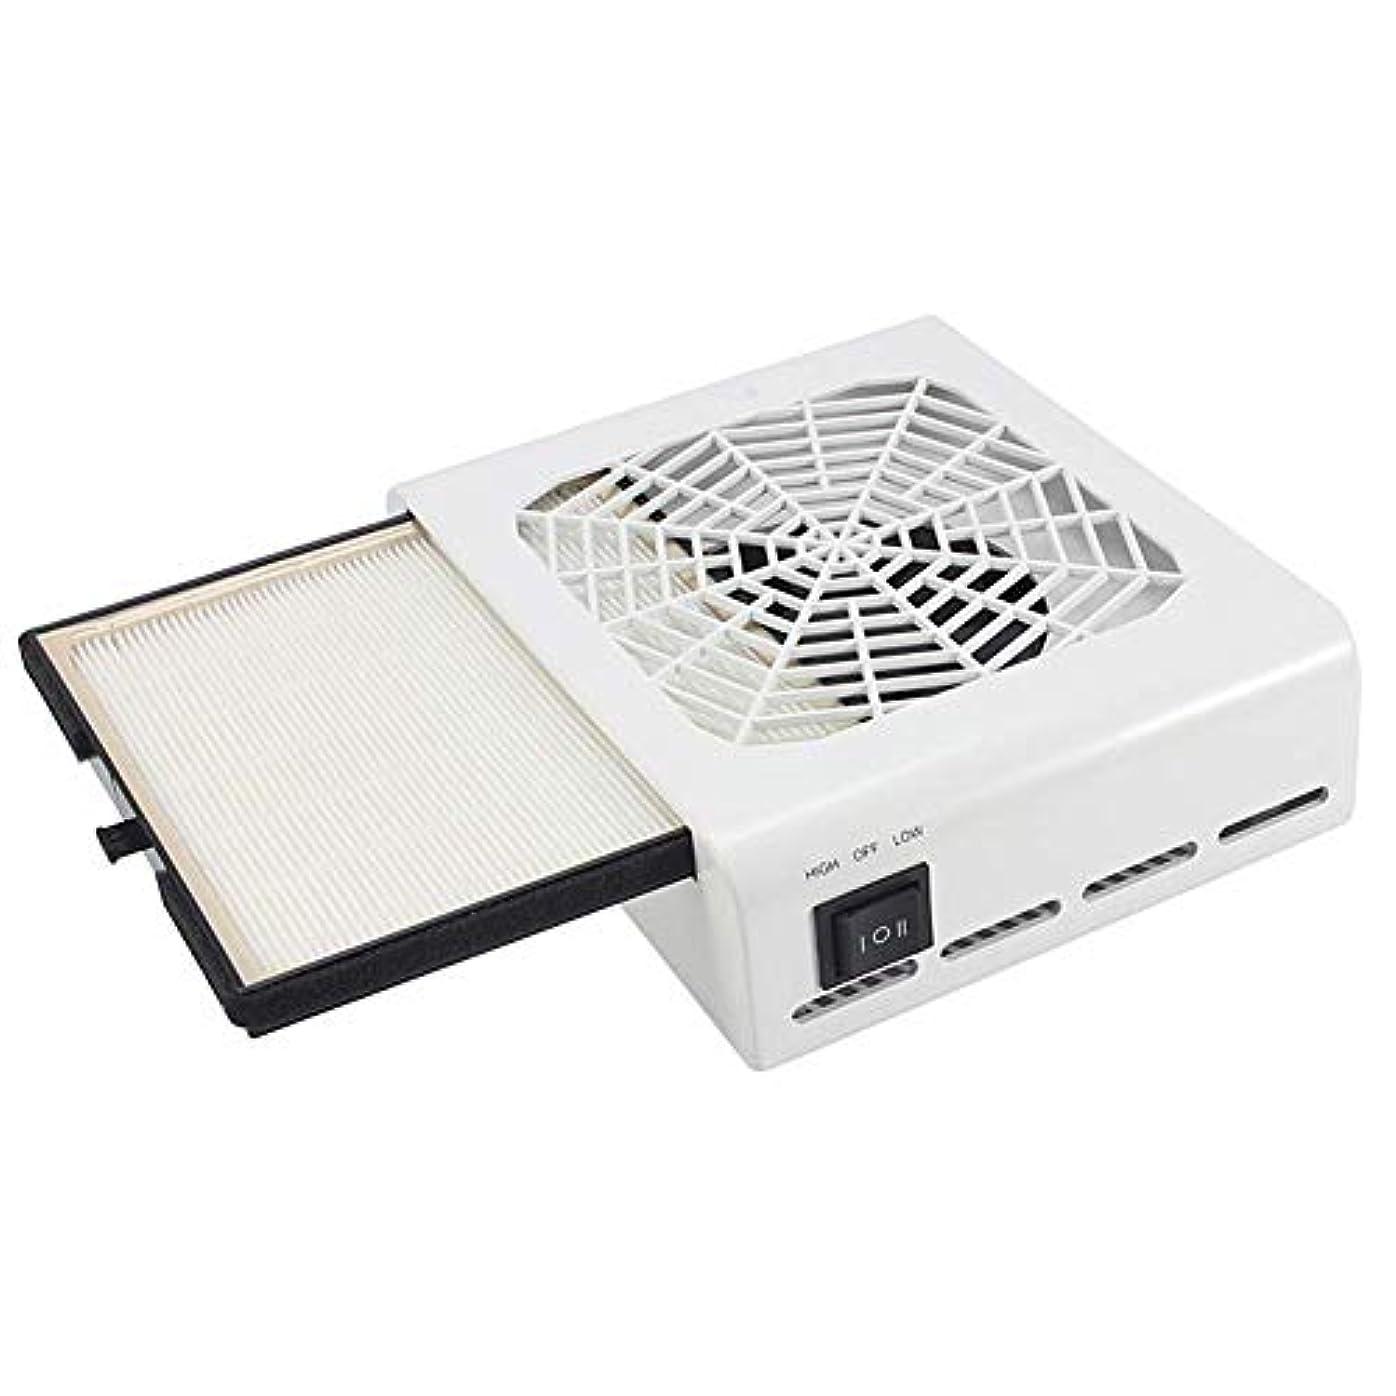 終わったエスニックリビジョン45ワット強力な電源ネイルダストコレクター掃除機ネイルファンアートサロン吸引ダストコレクターネイル美容ツールデスク夕暮れキャッチャー